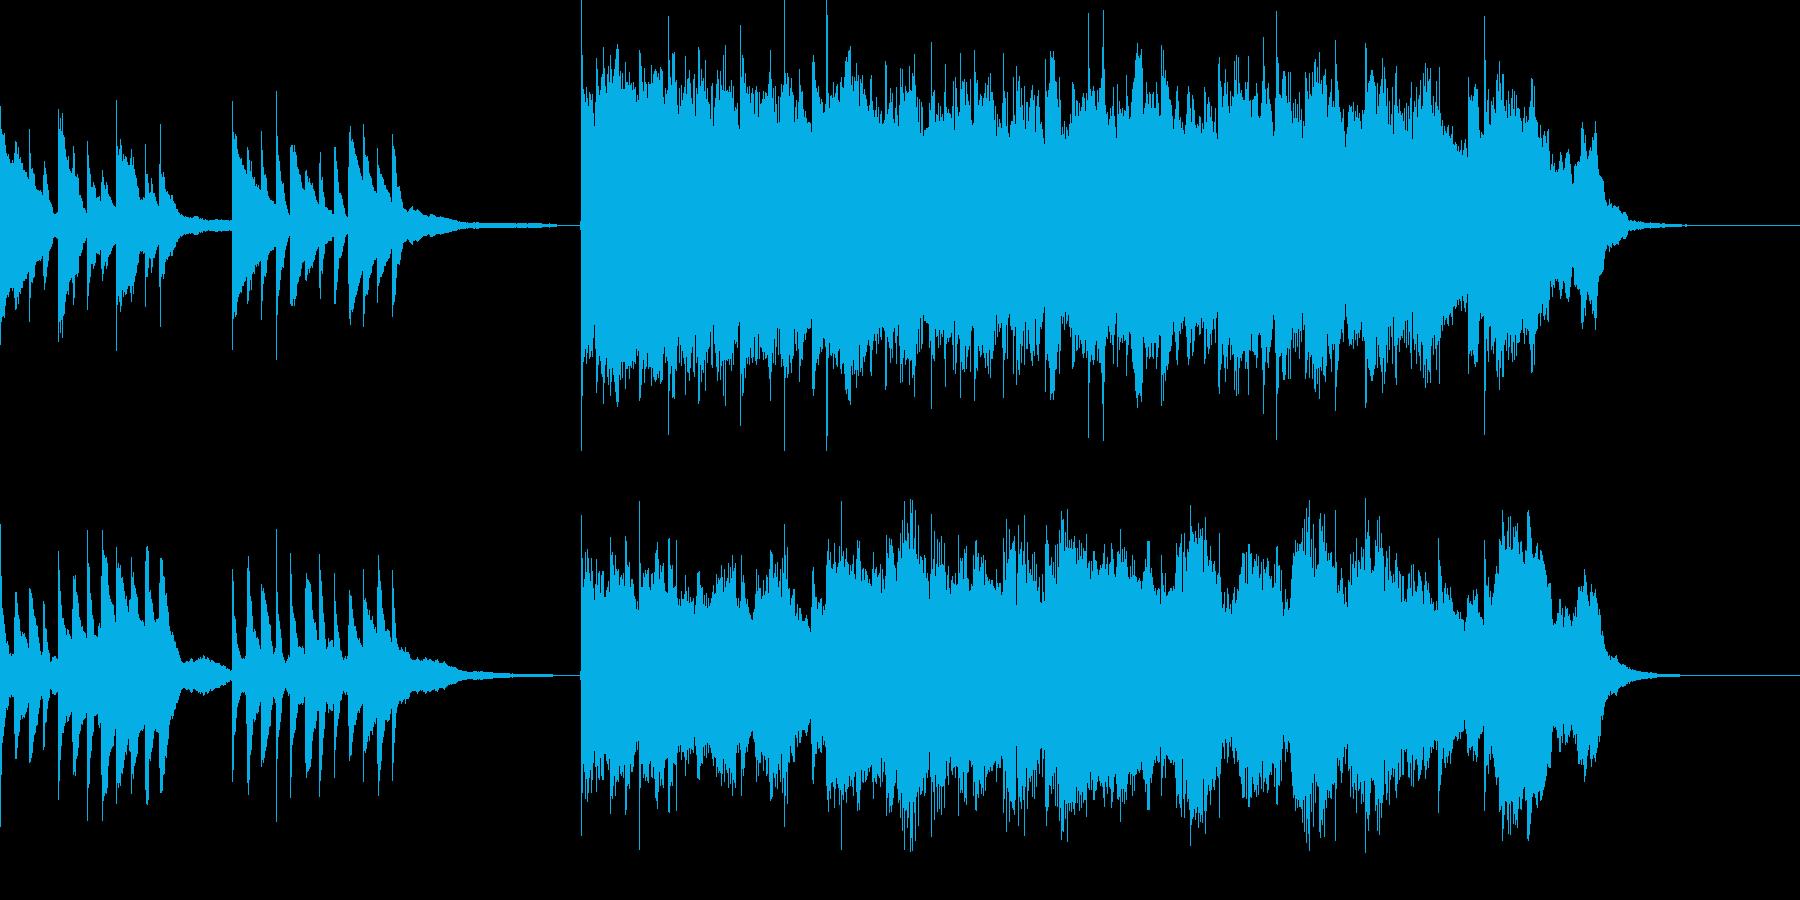 星空をイメージした切ないピアノバラードの再生済みの波形